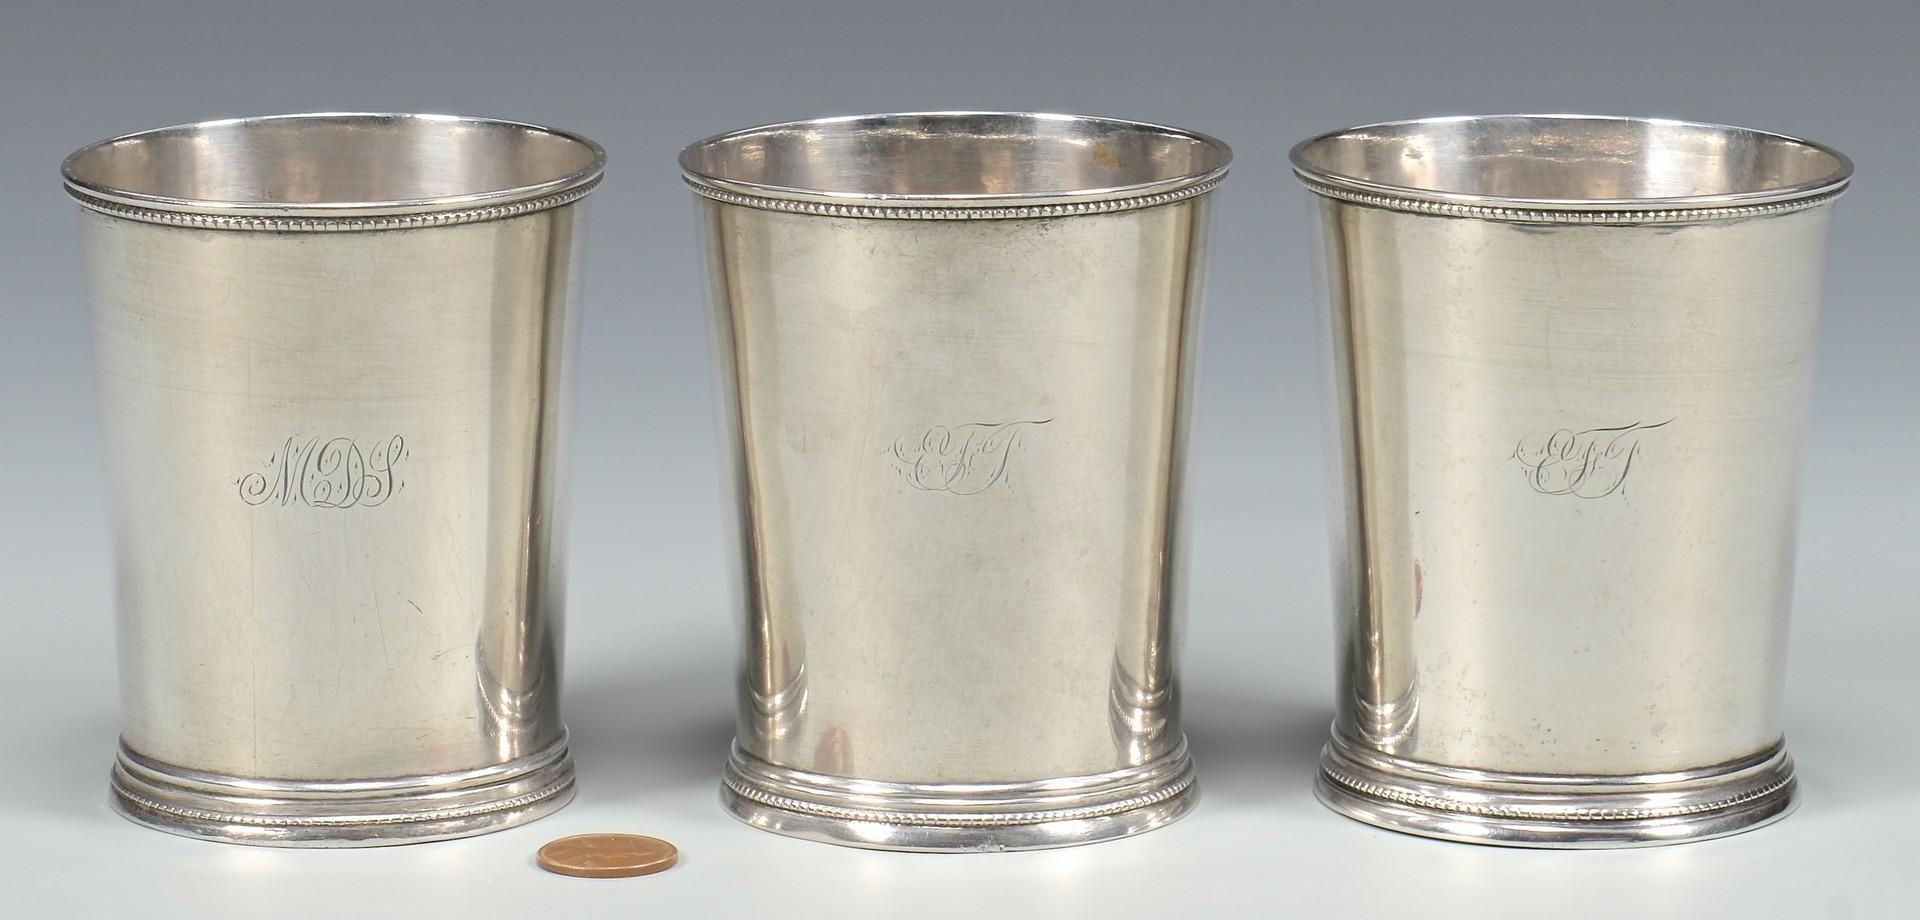 Lot 83: 3 Hyde & Goodrich Julep Cups